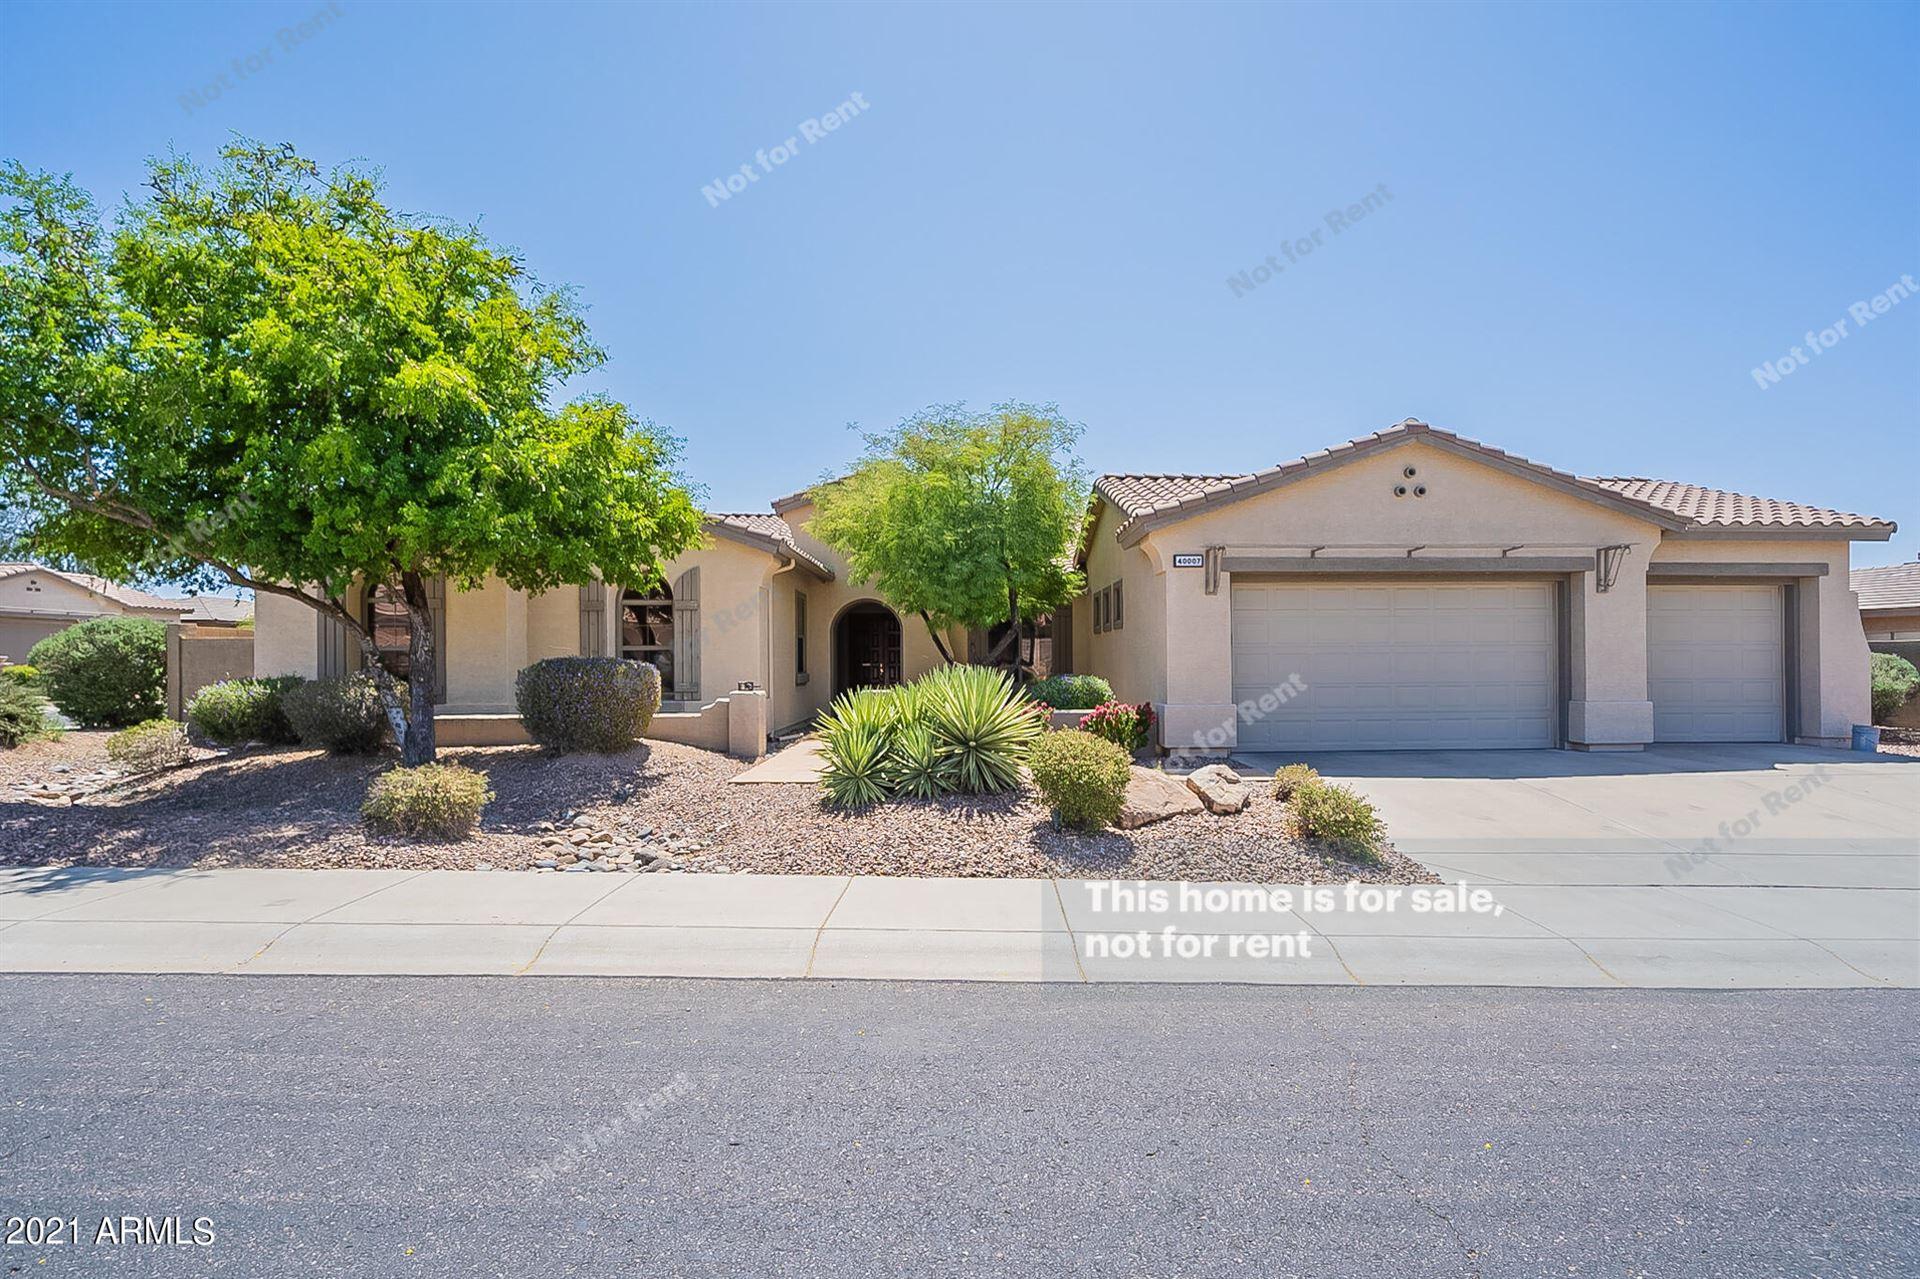 40007 N MAJESTY Trail, Anthem, AZ 85086 - MLS#: 6237412